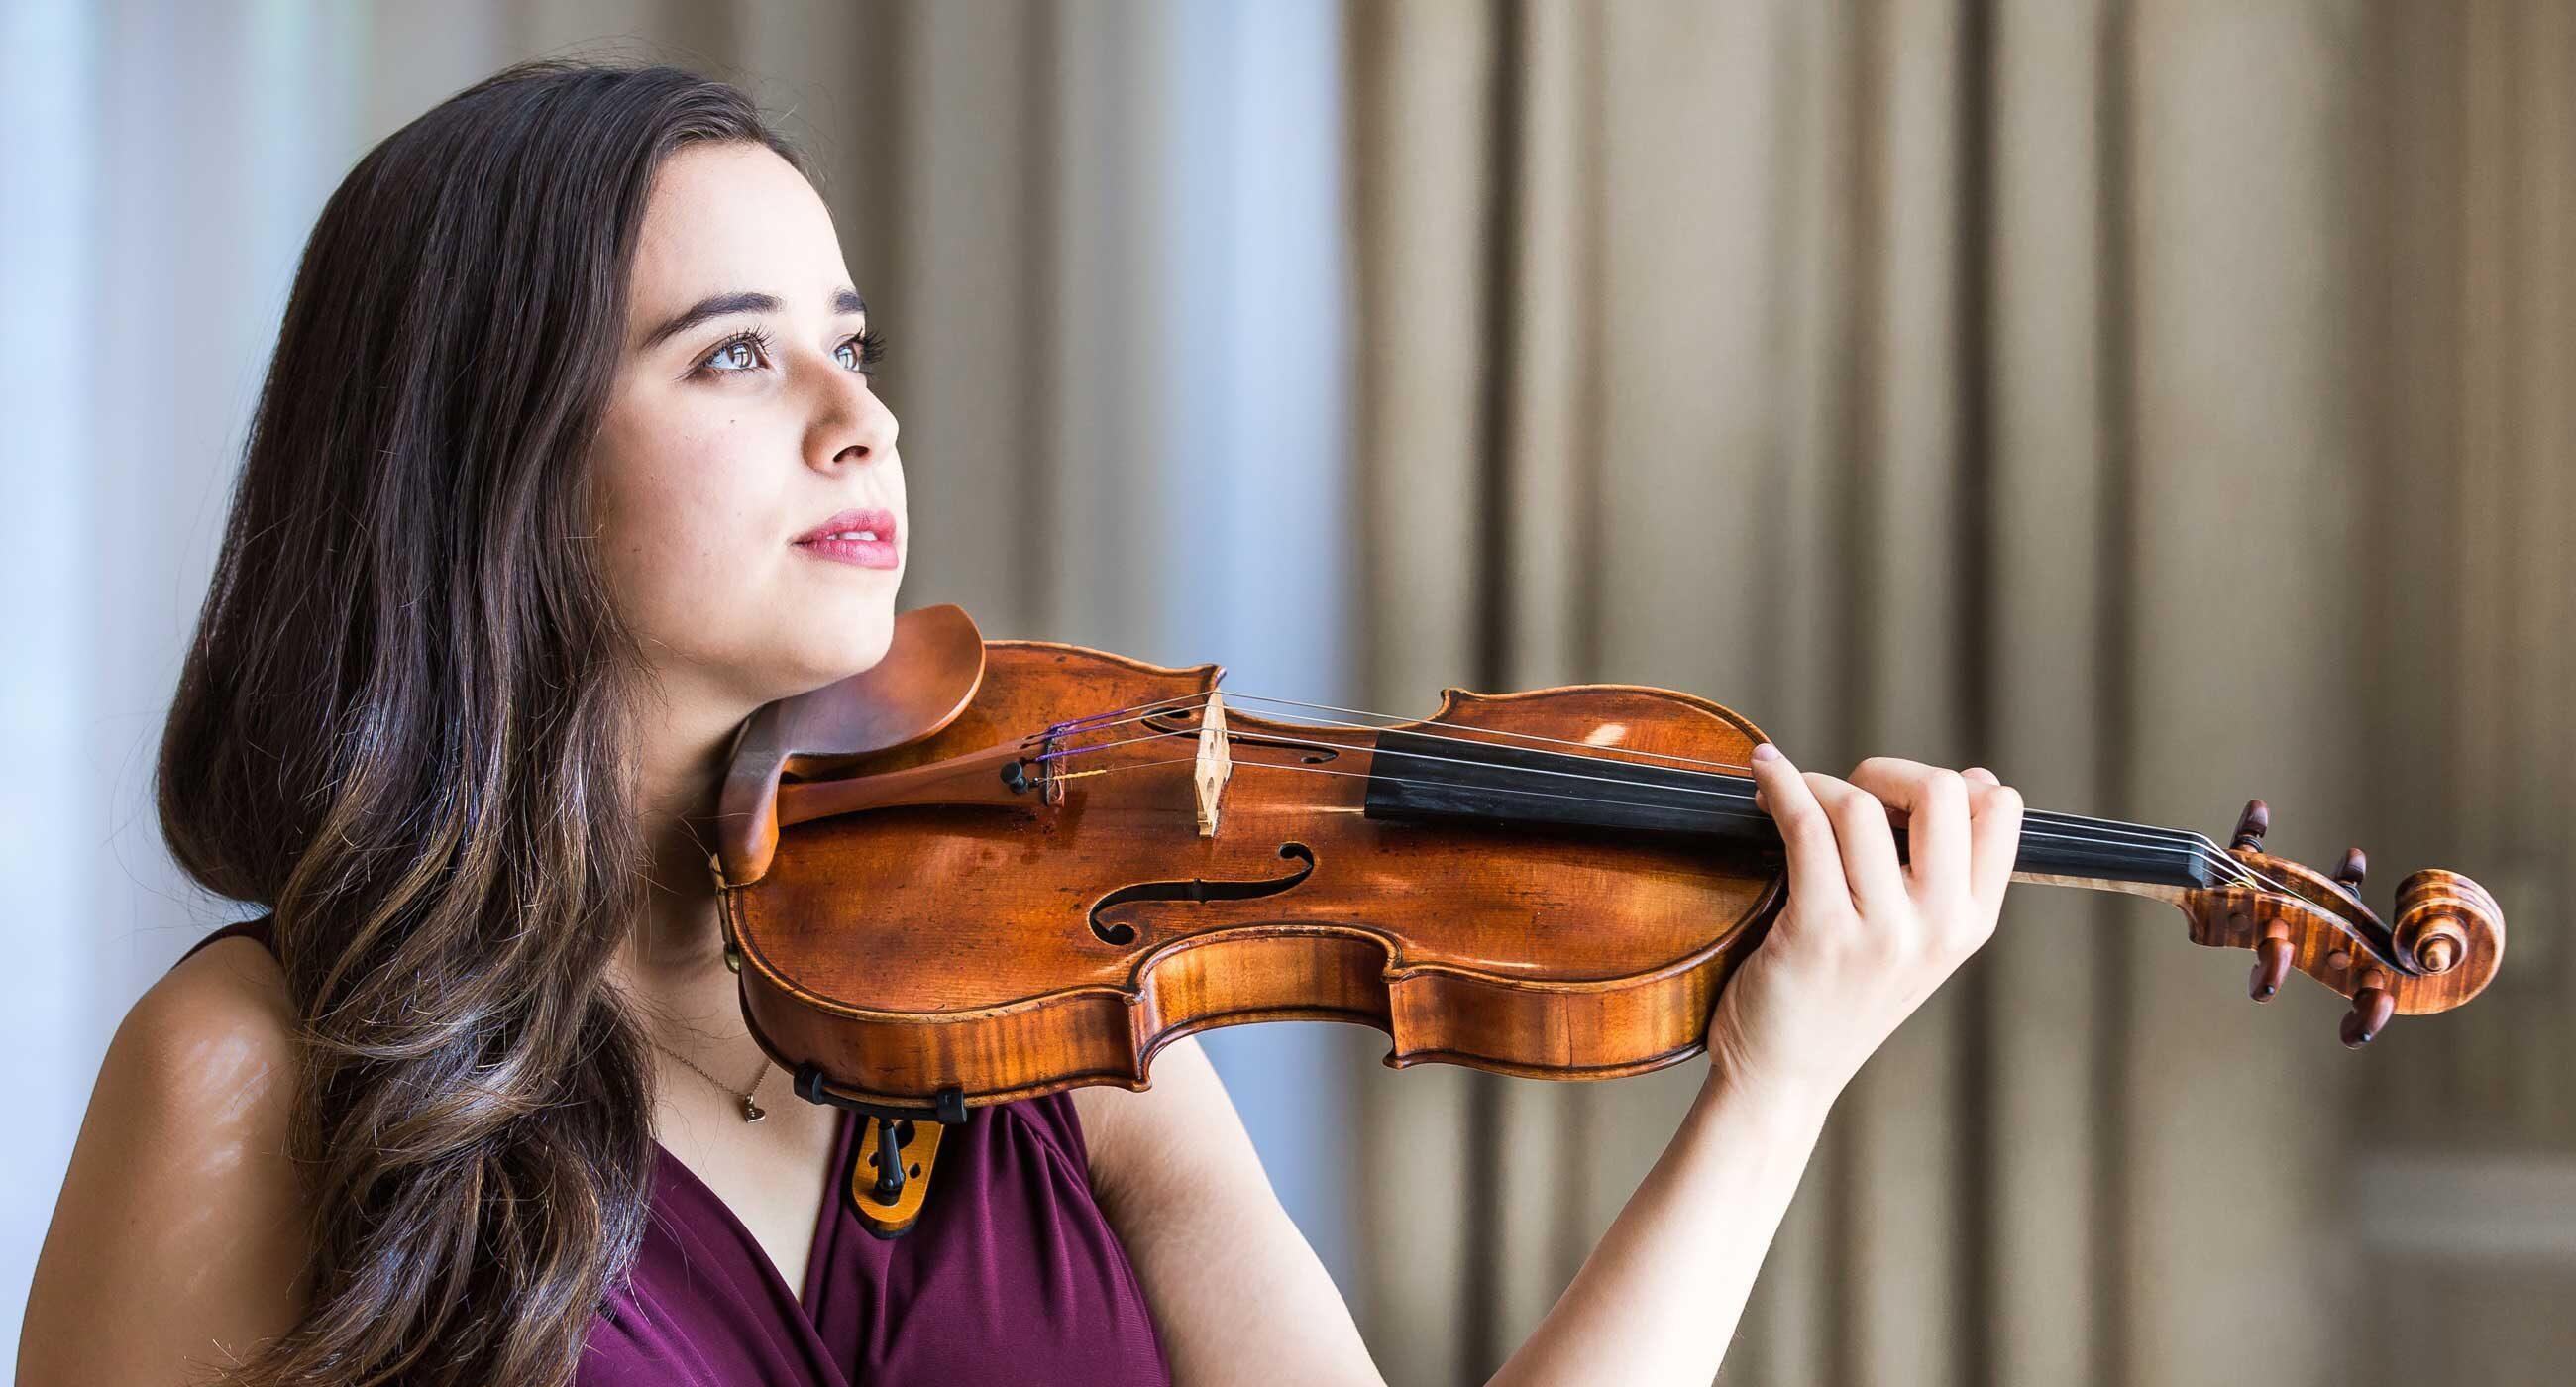 Gallia Kastner holding a violin